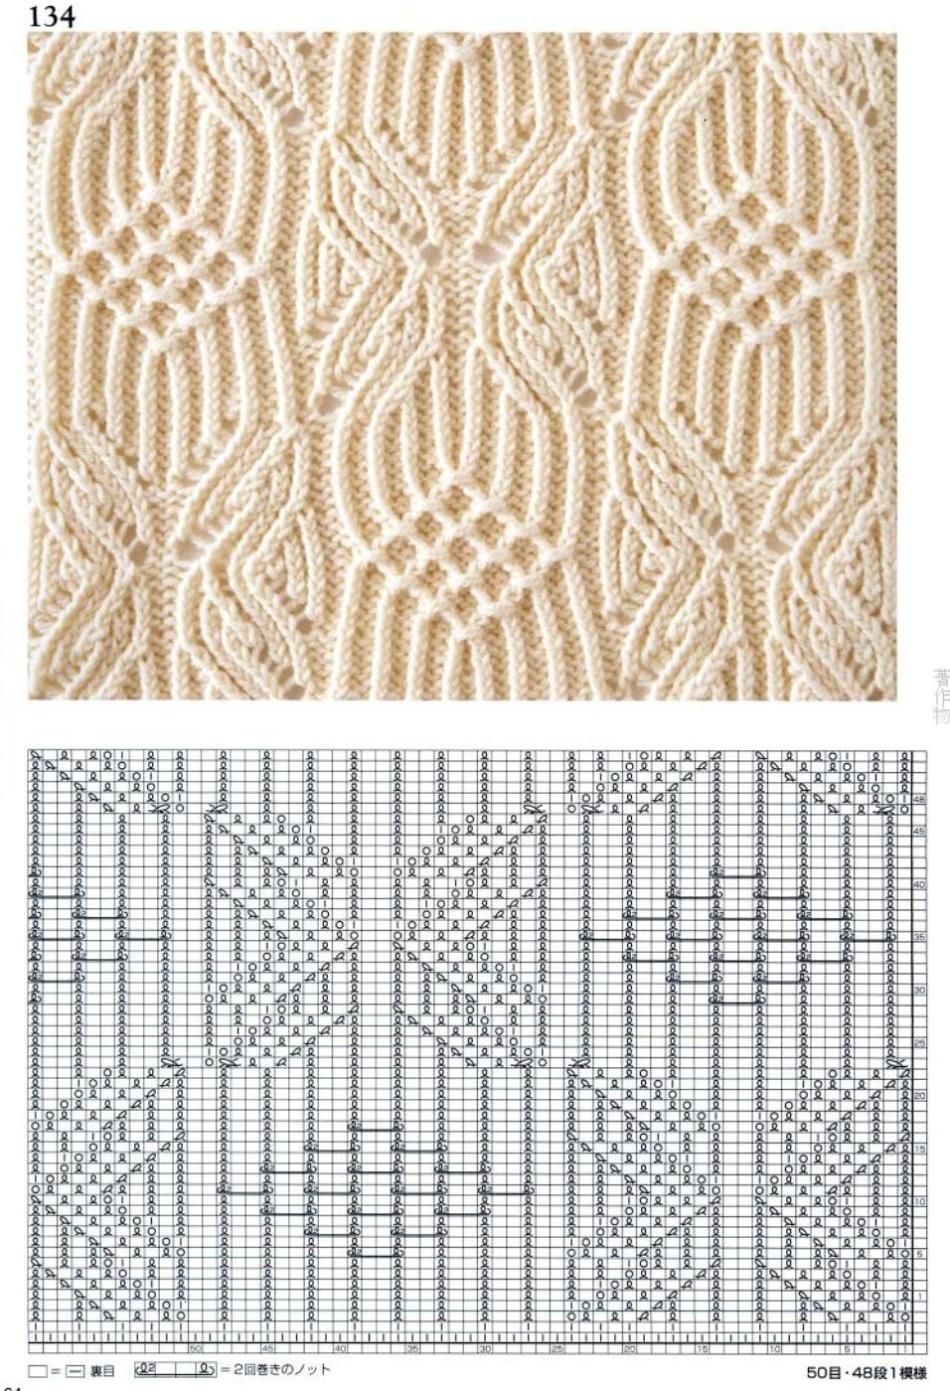 Un chaleco simple con agujas de tejer. En invierno o verano? ¿Cómo ...